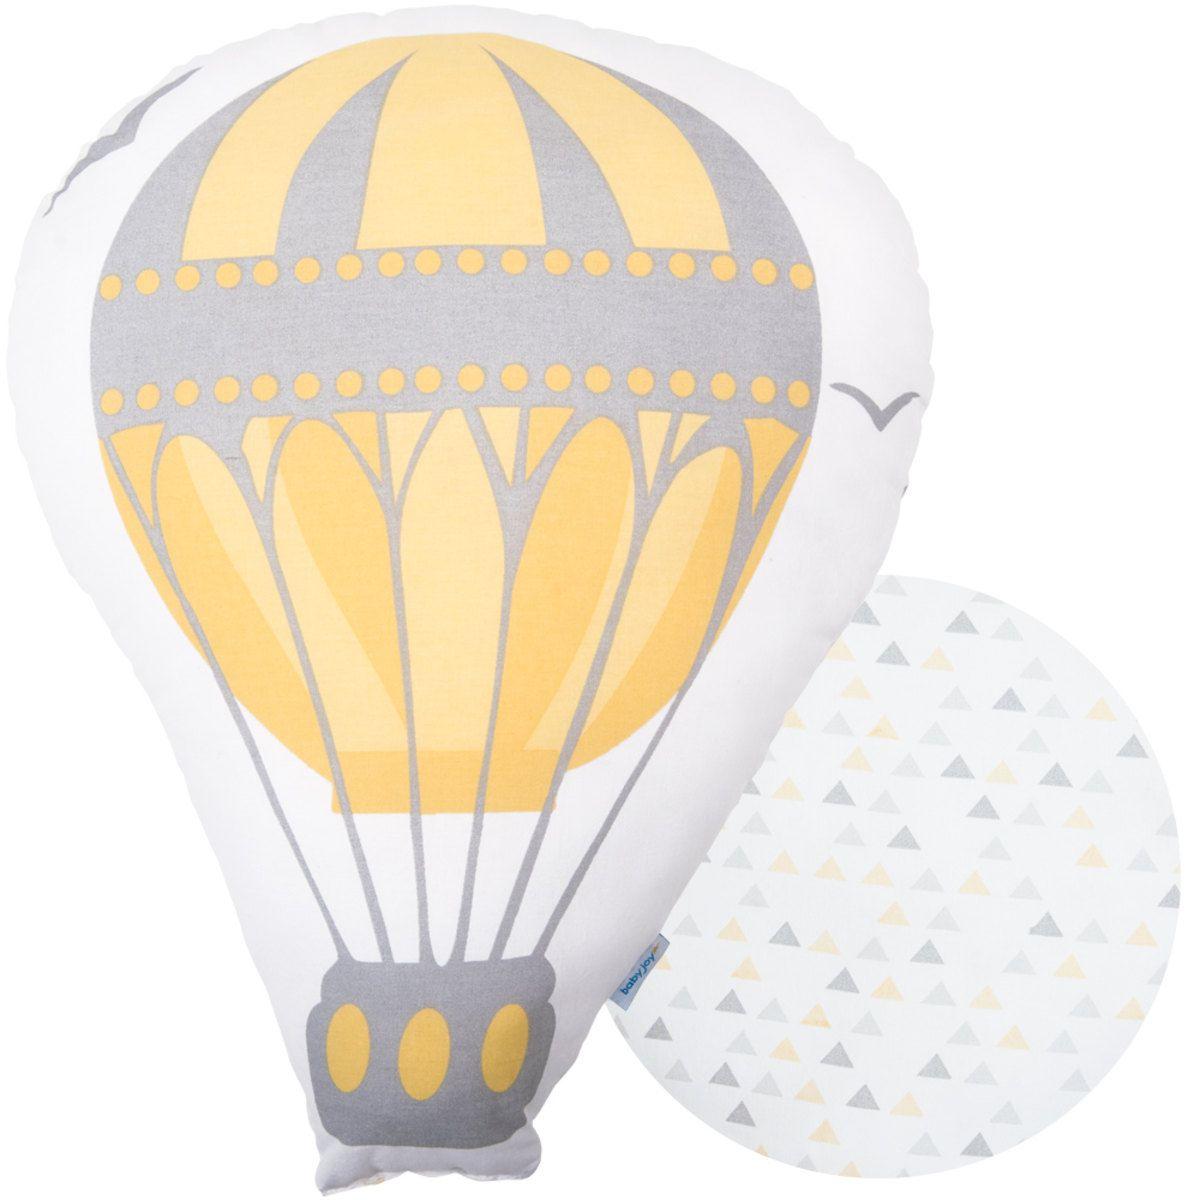 Almofada Formato Estampa de Balão